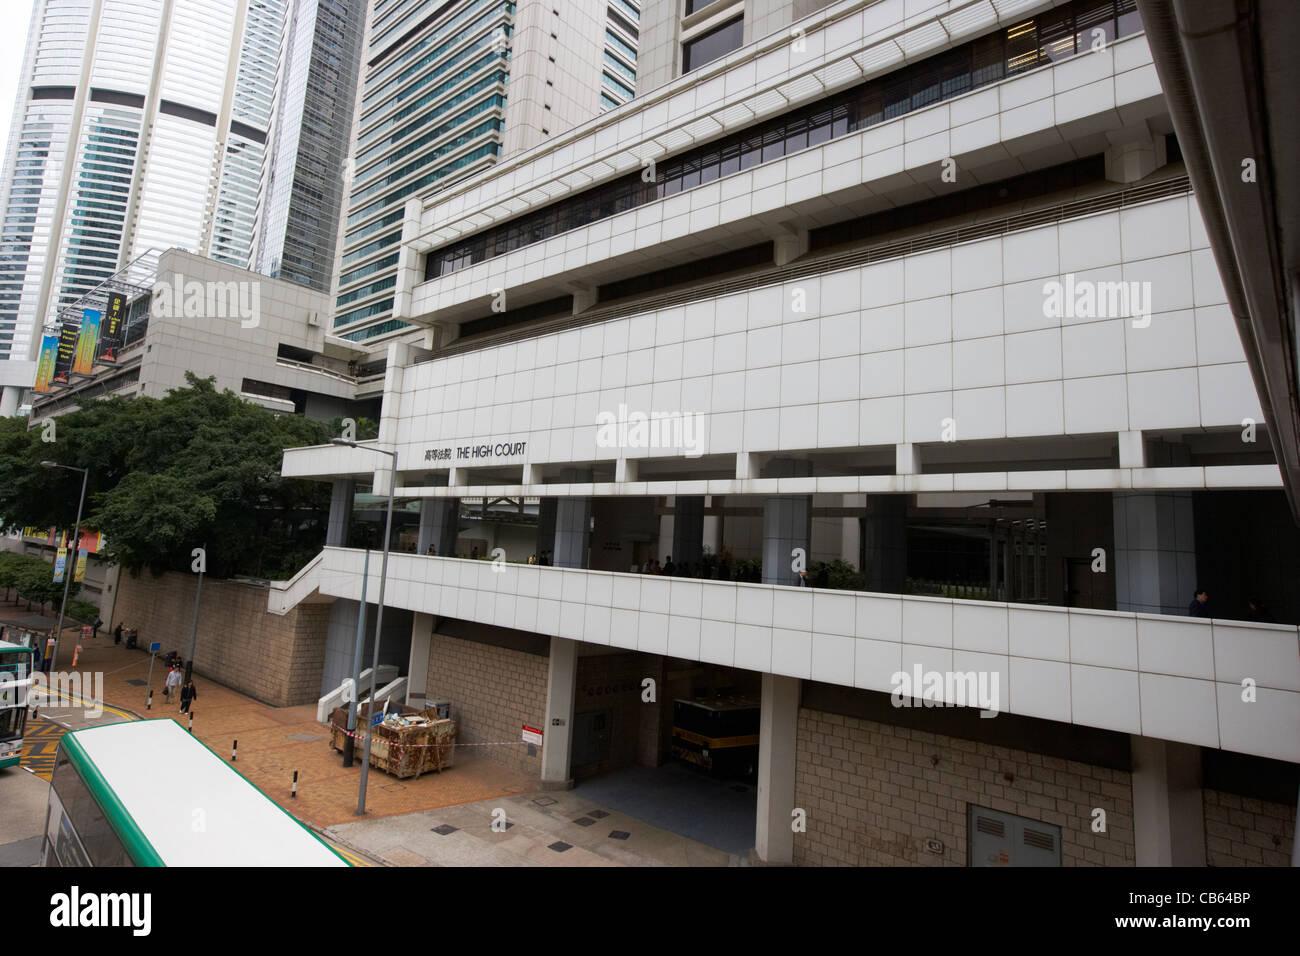 hong kong court jurisdiction Appellate court in hong kong hong kong or another common law jurisdiction there is hong kong fact sheets - judiciary.